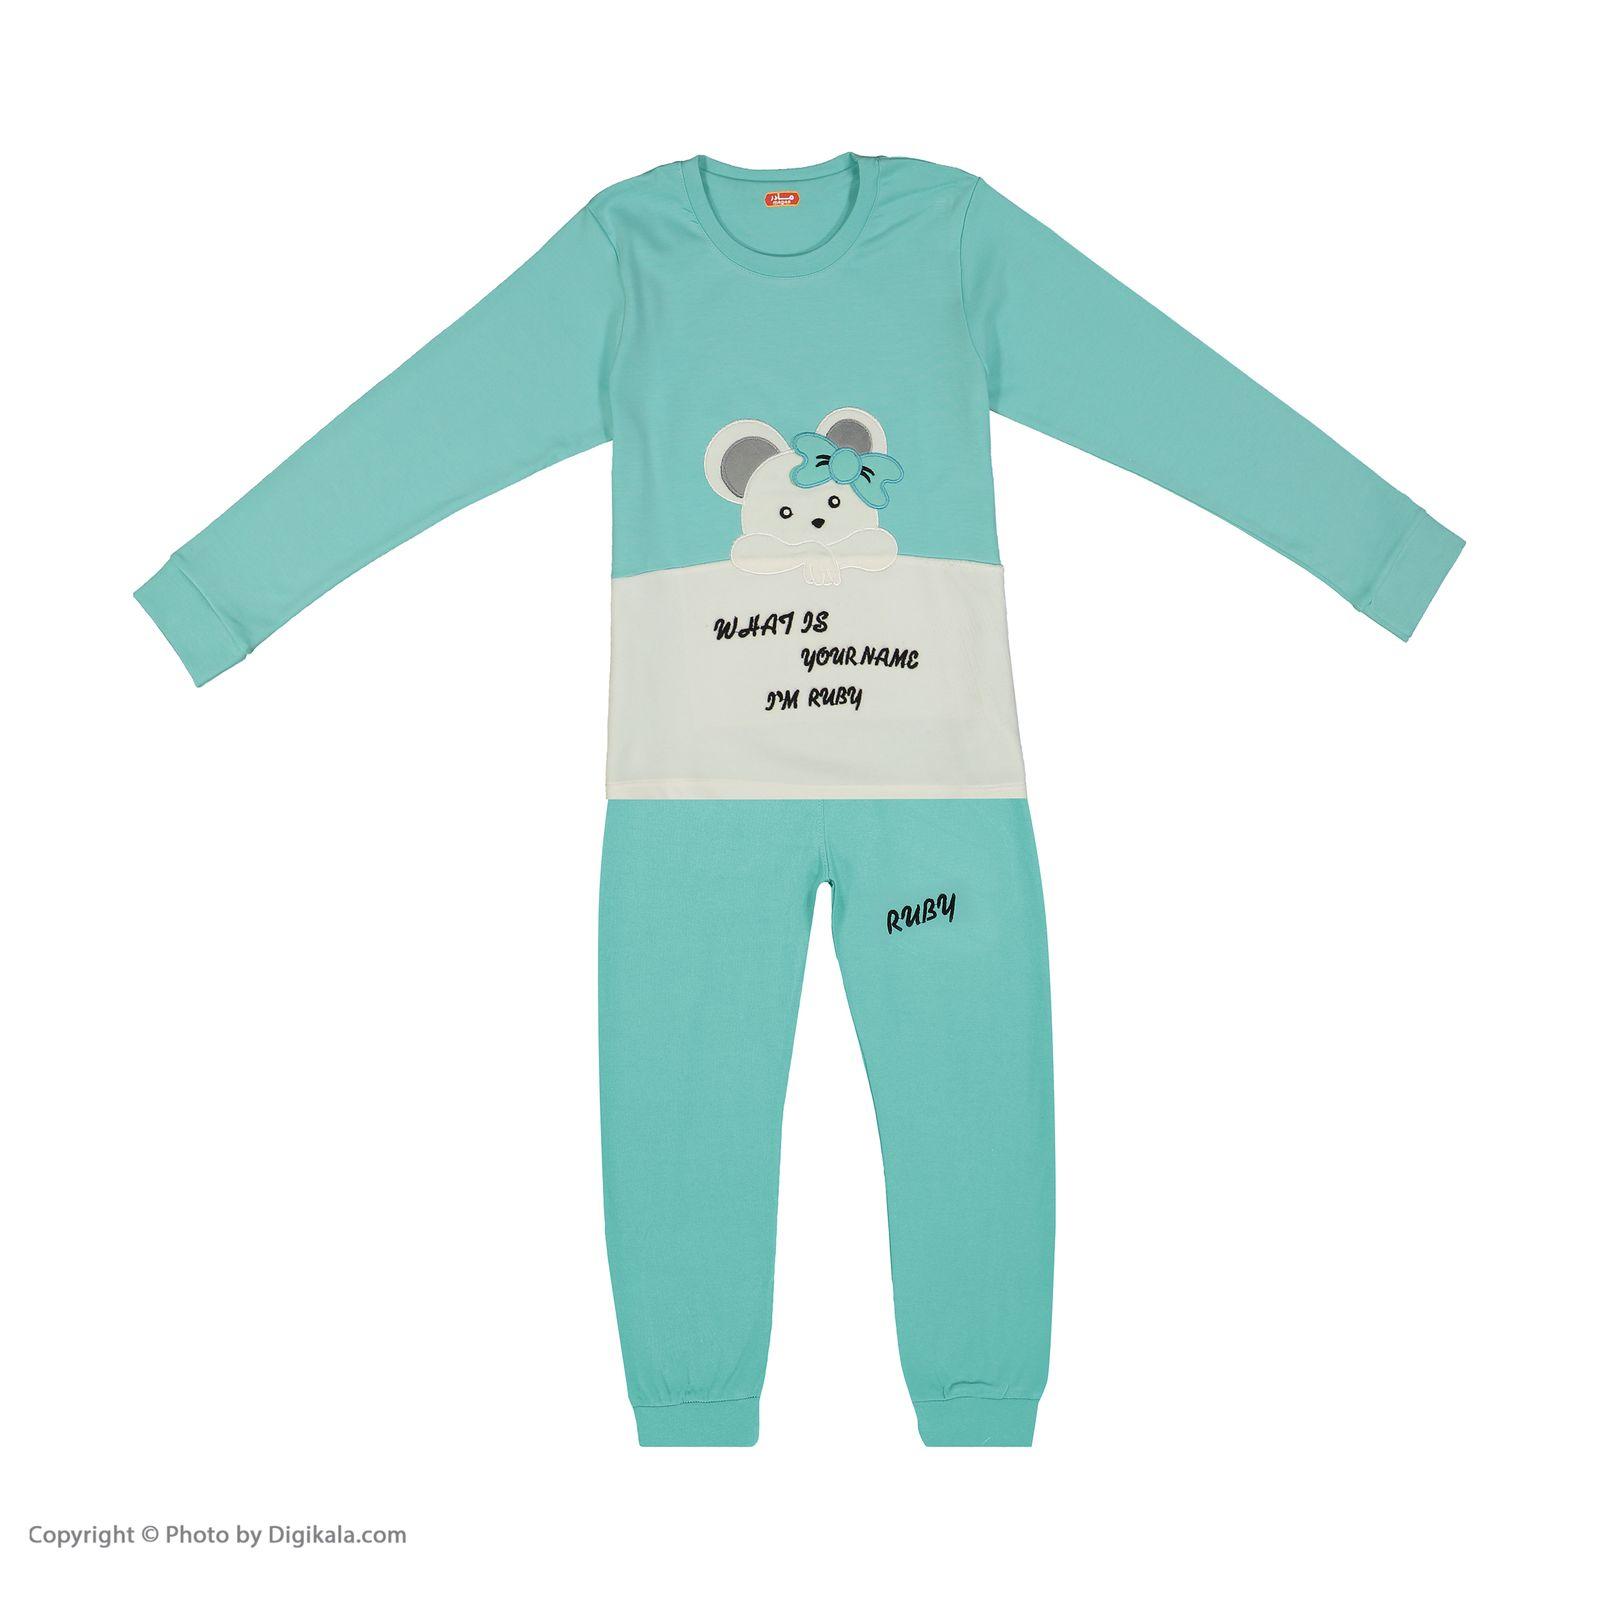 ست تی شرت و شلوار دخترانه مادر مدل 301-54 main 1 1